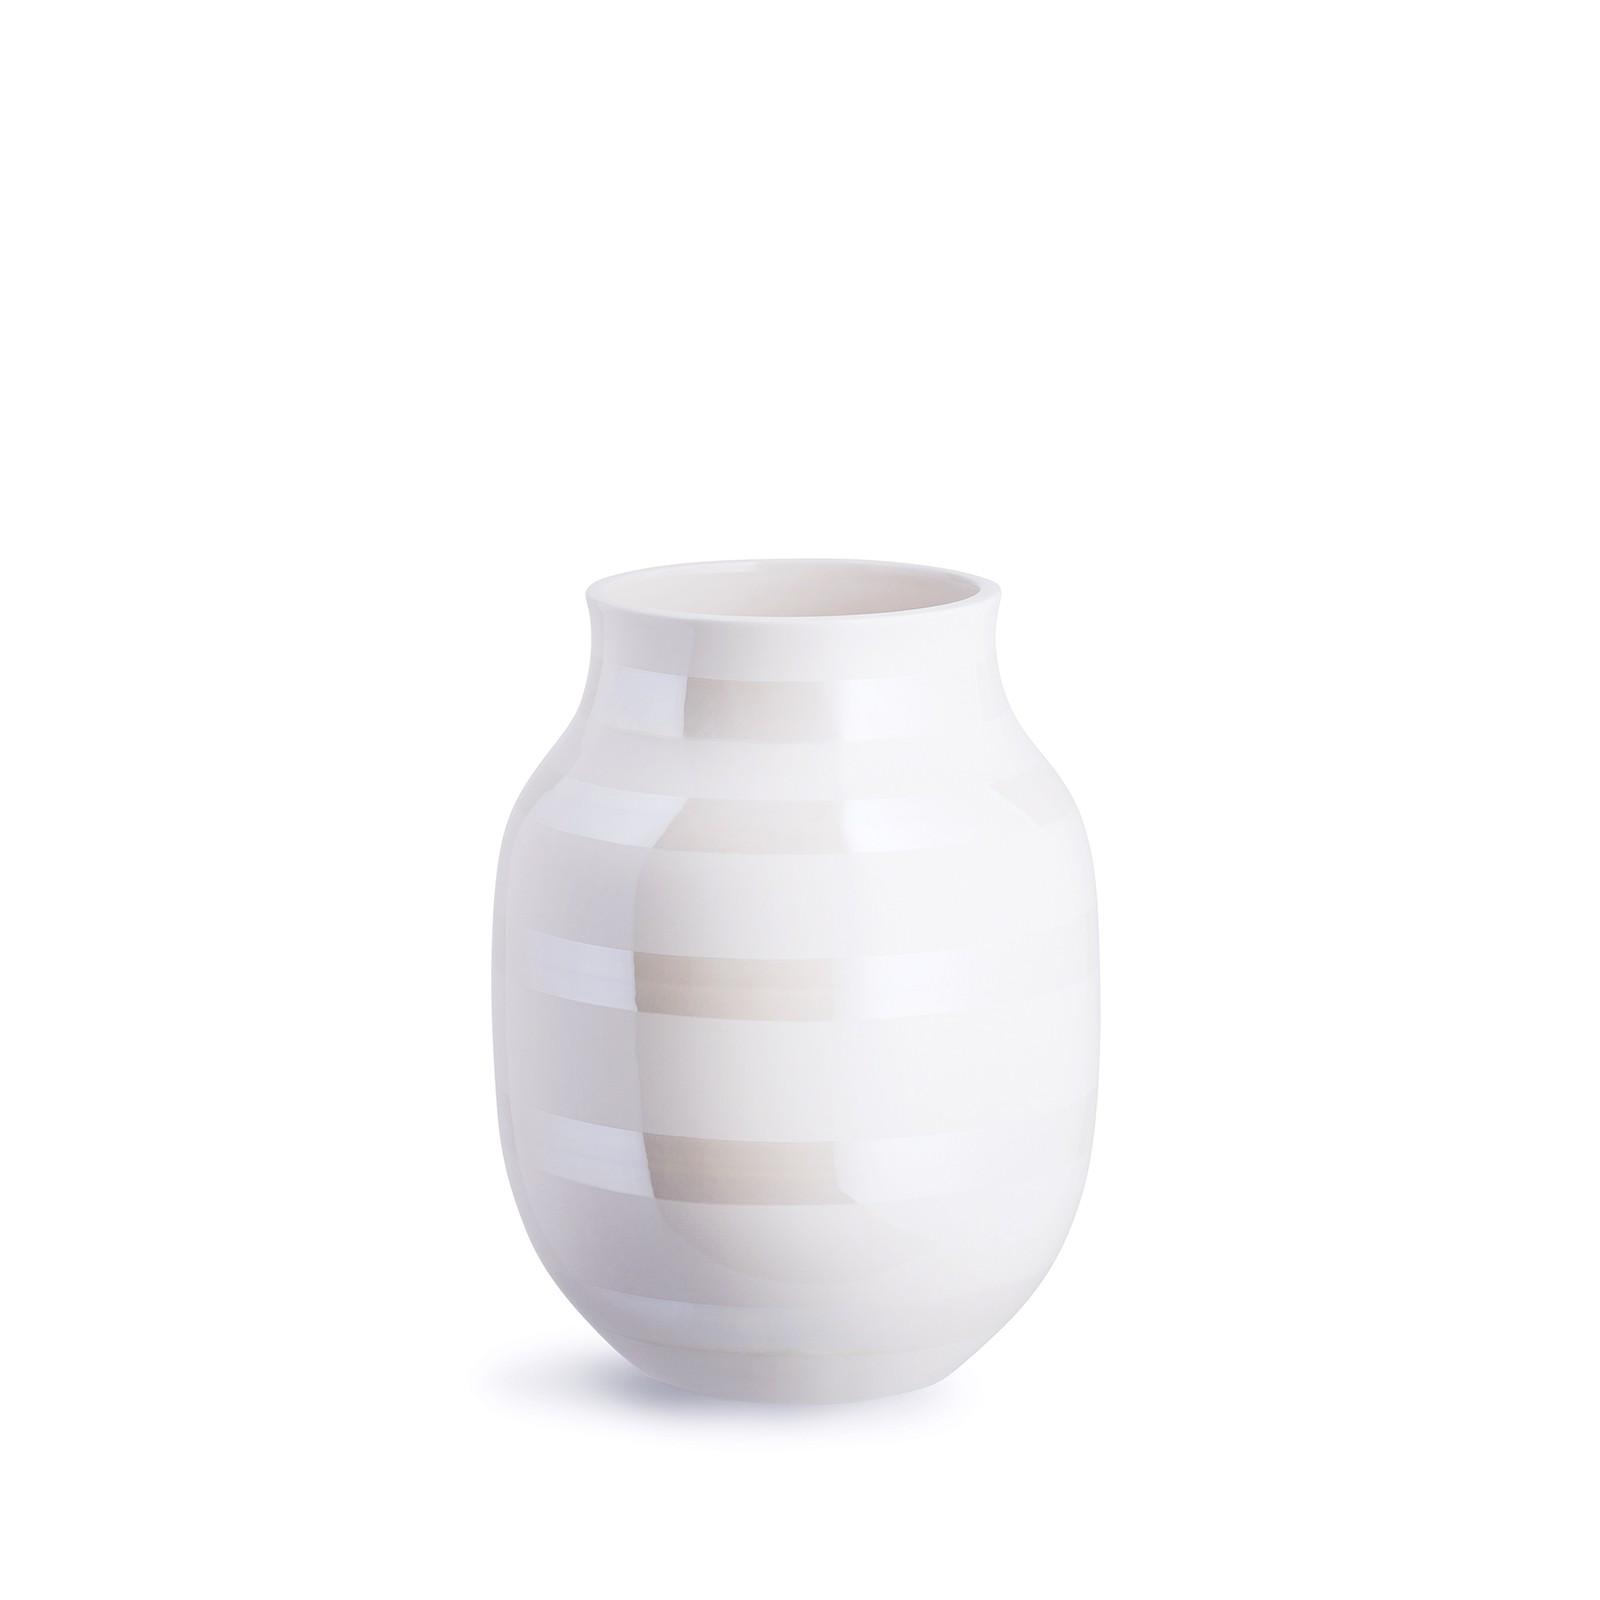 Kähler - Omaggio Vase Medium - Pearl (691781)